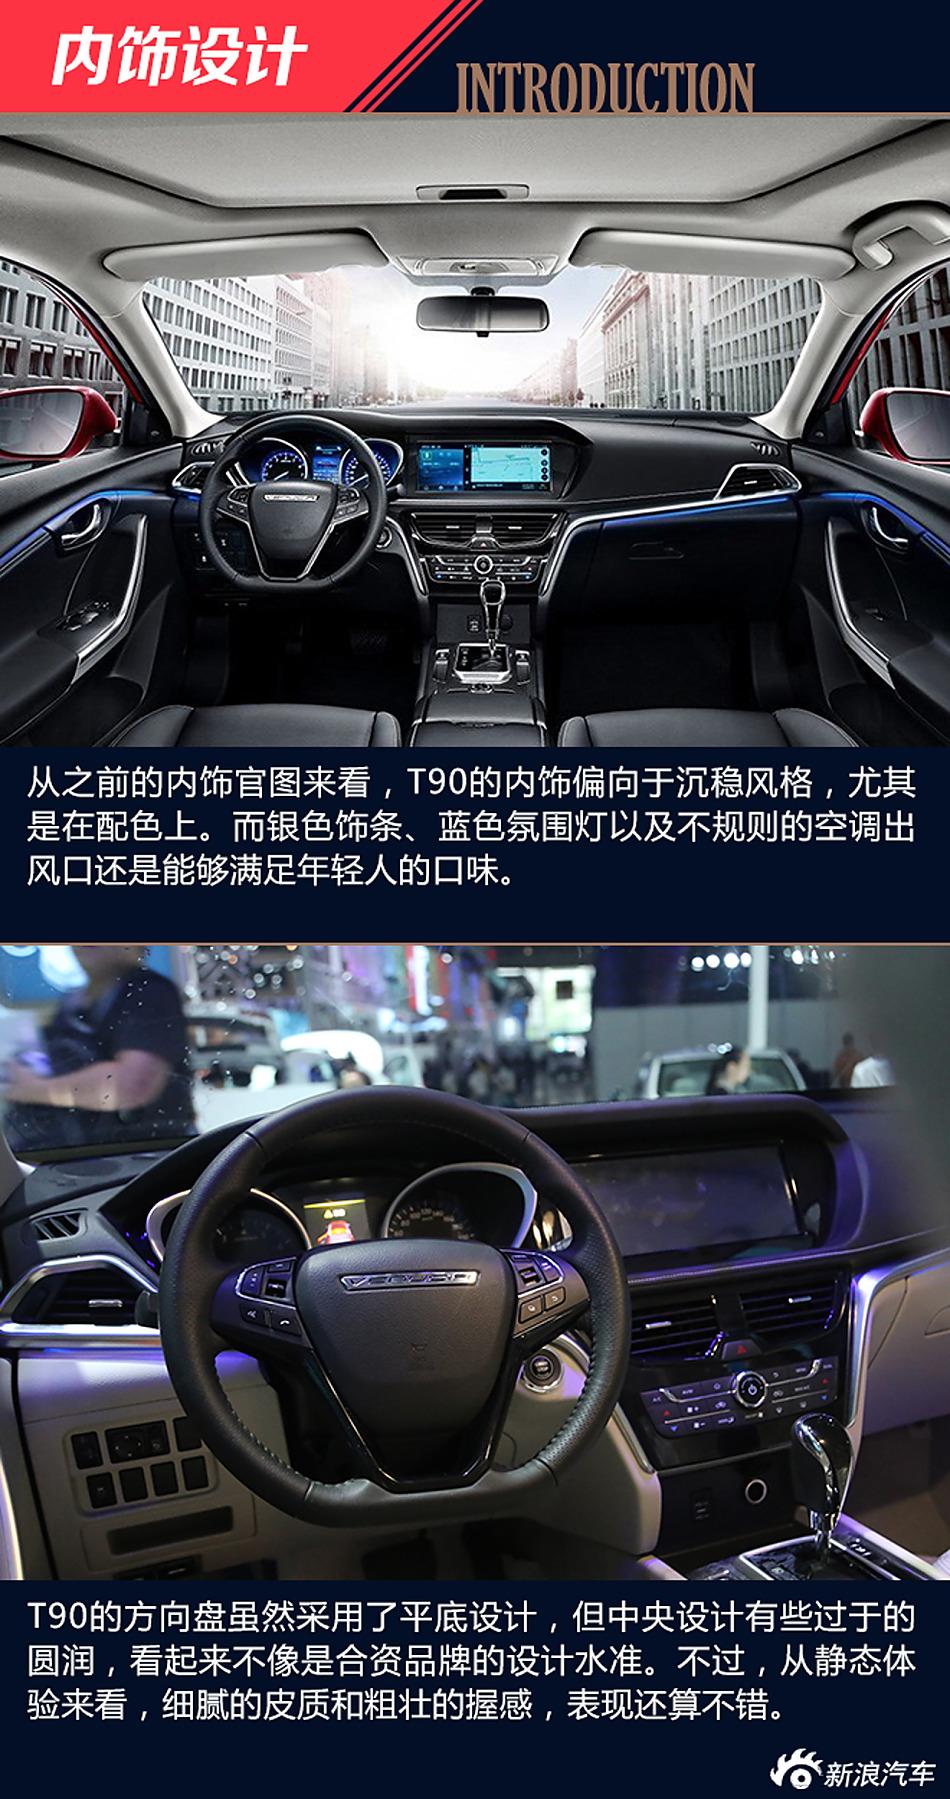 成都车展静态解析东风日产启辰T90